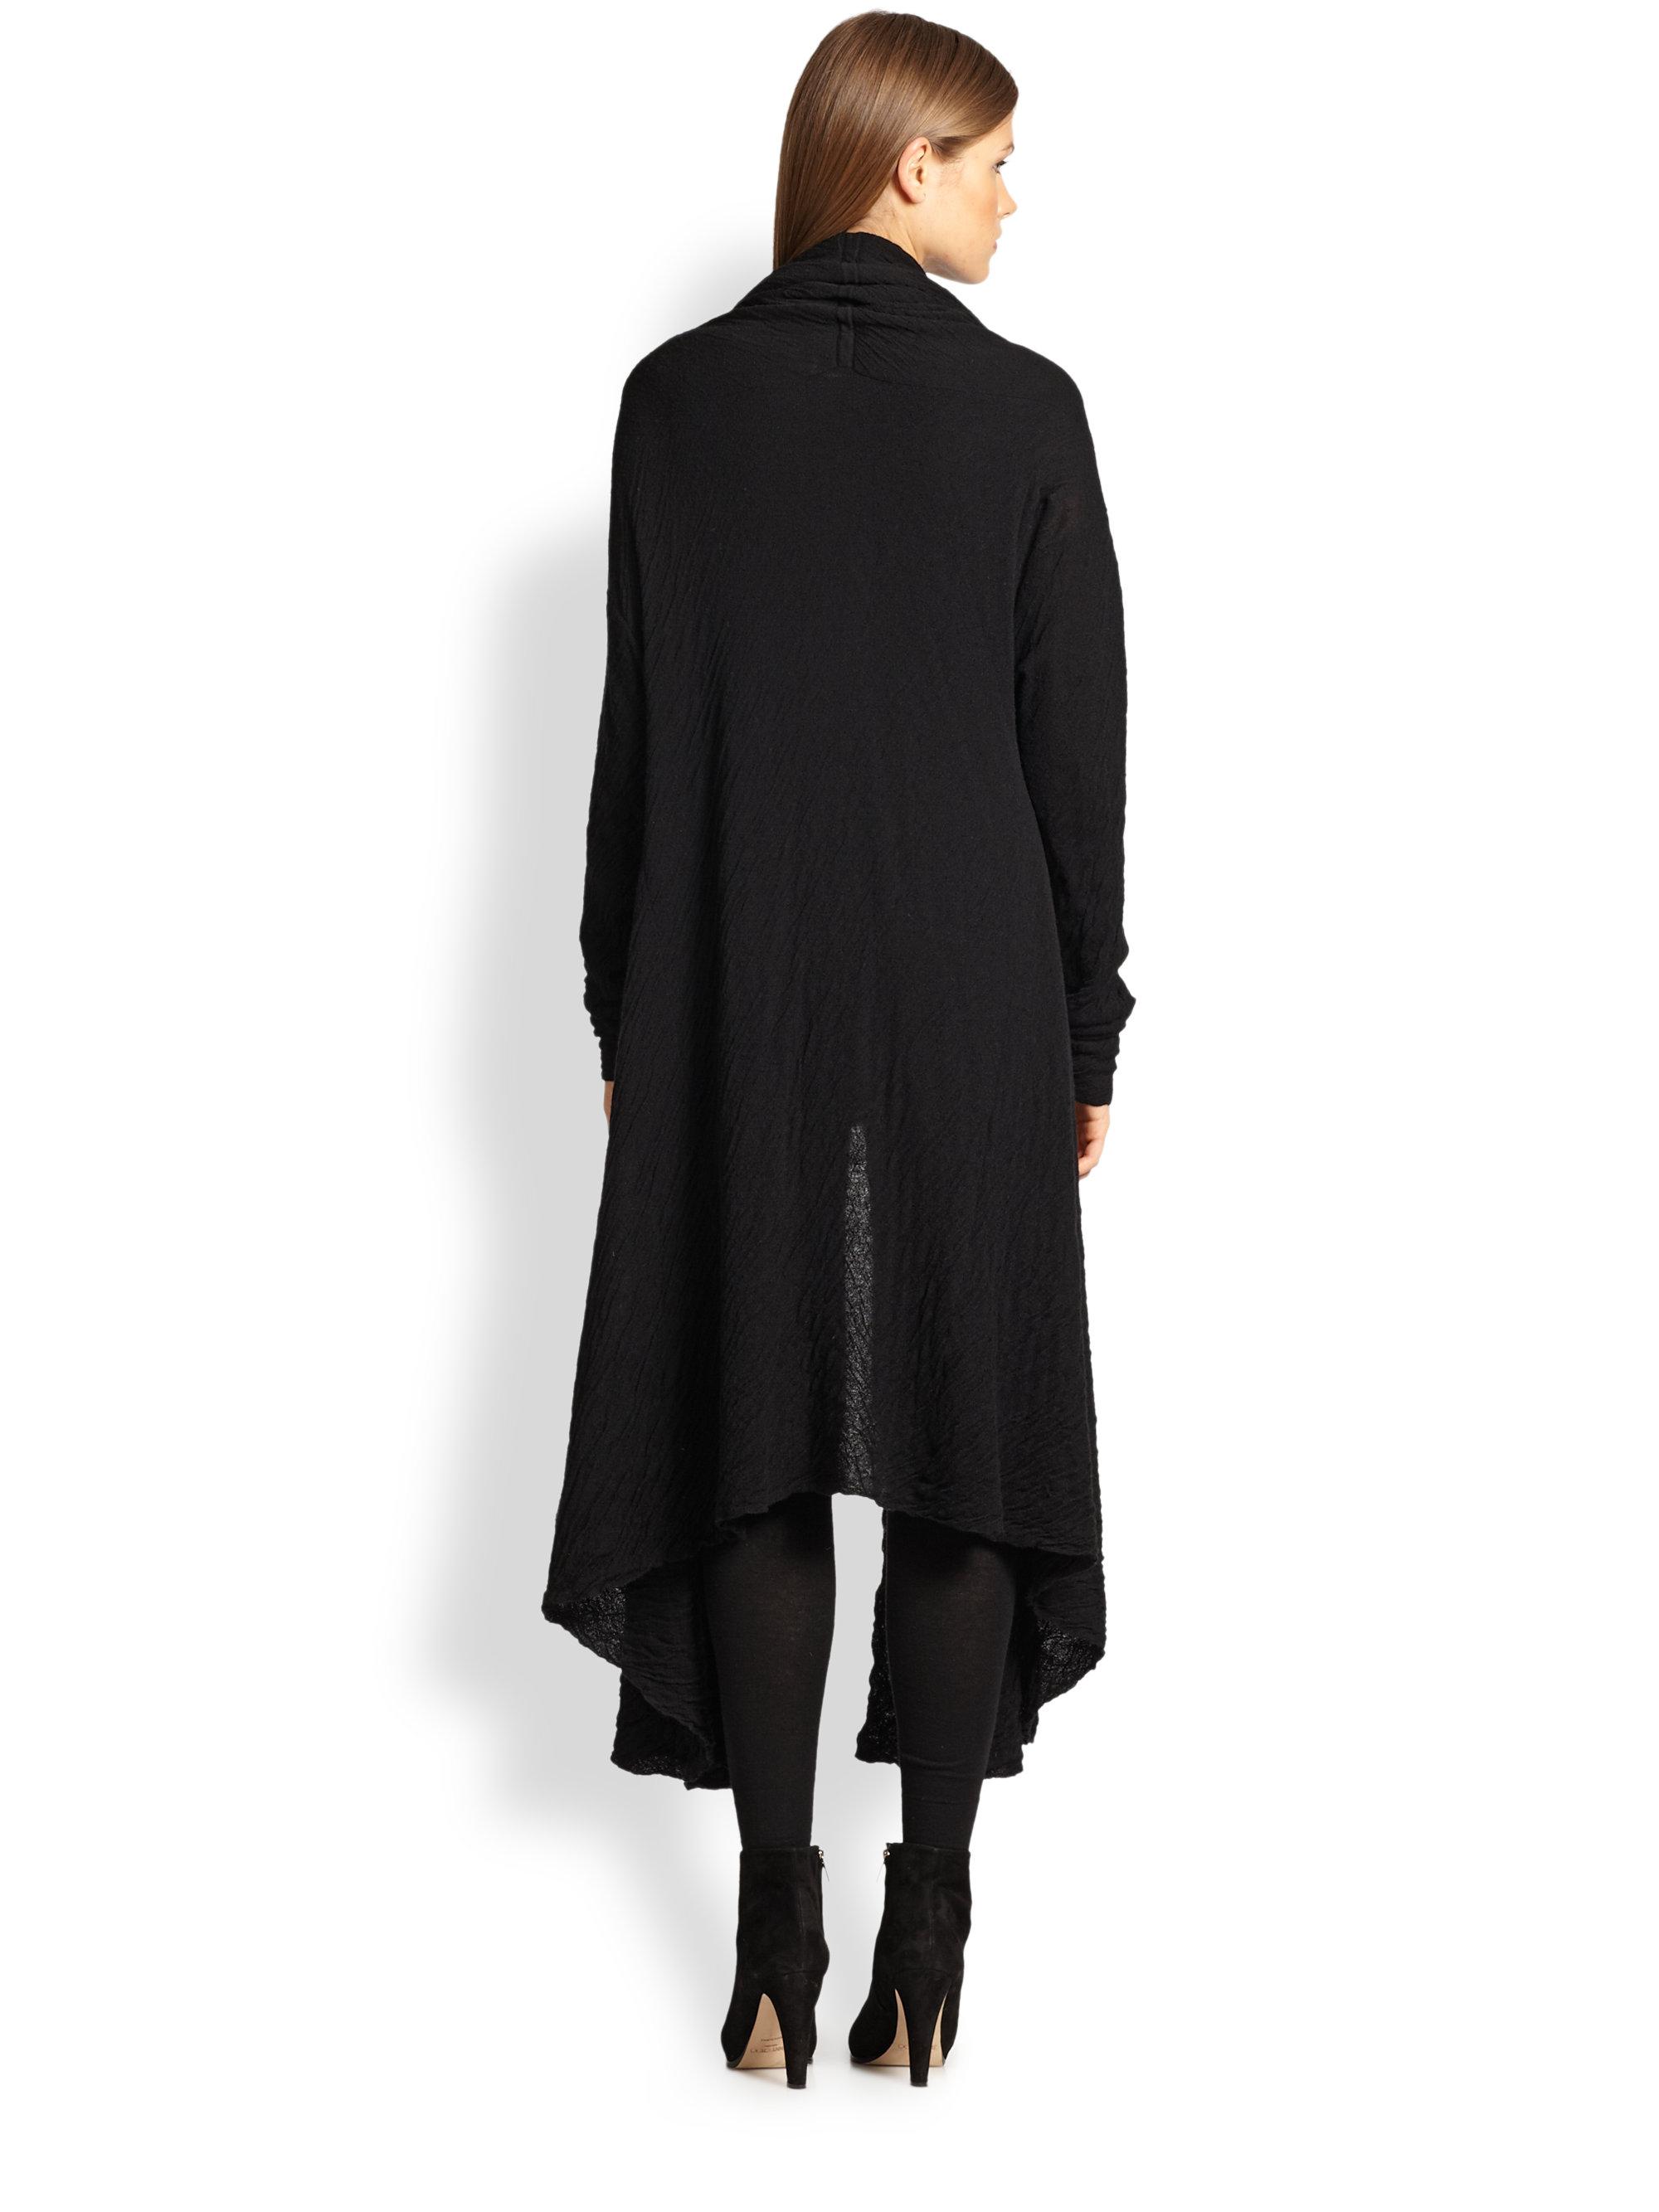 donna karan cashmere silk drape front coat in black lyst. Black Bedroom Furniture Sets. Home Design Ideas